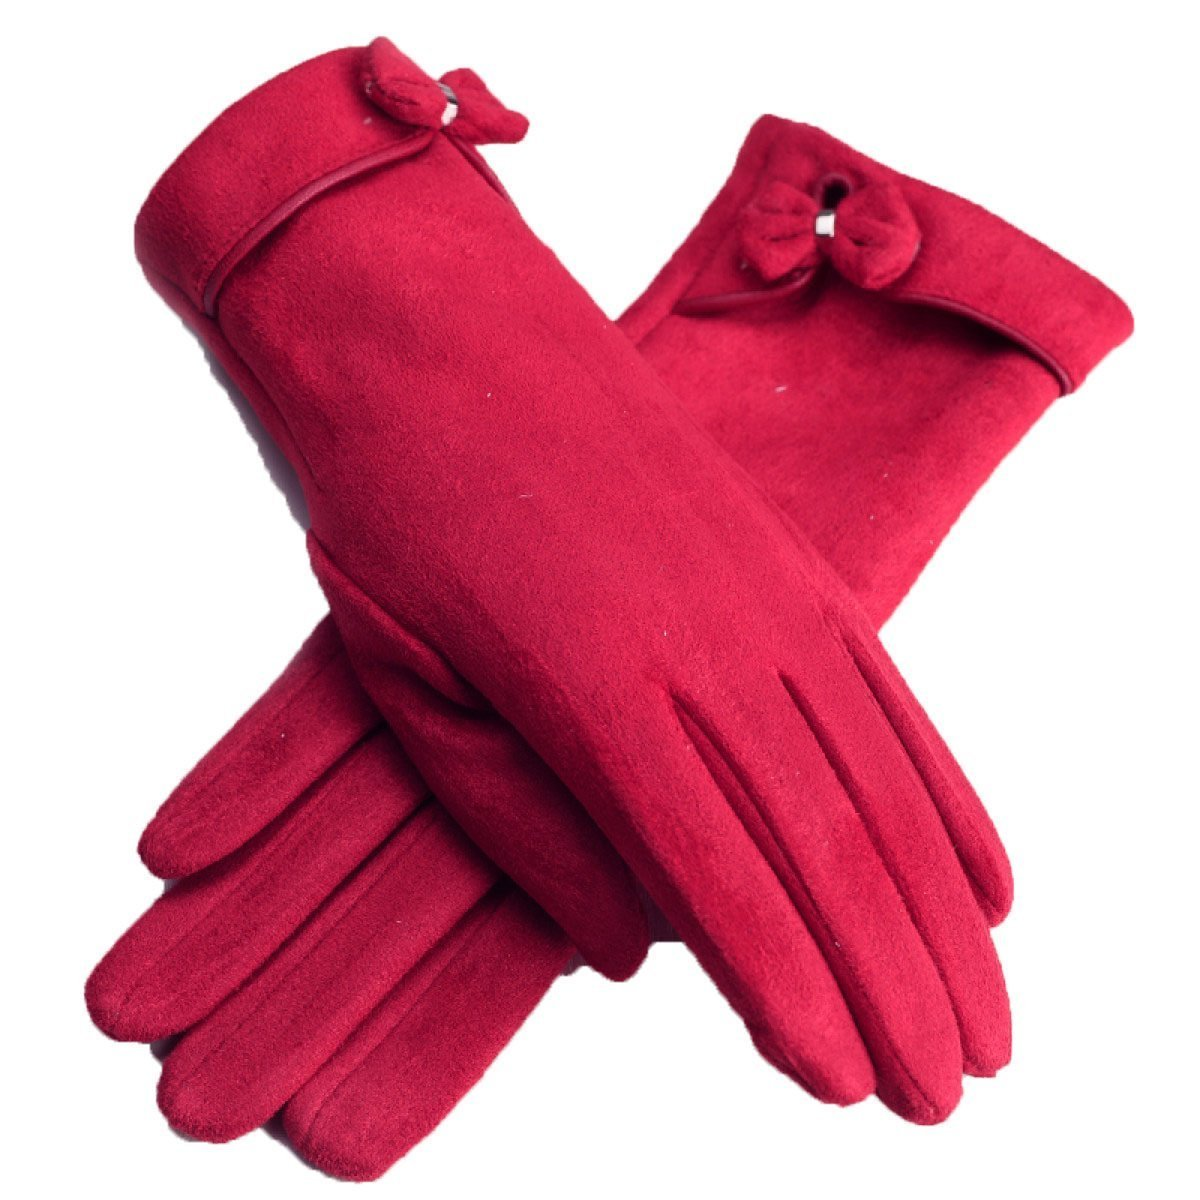 DIDIDD Capa doble grande de terciopelo rojo con engrosamiento de terciopelo Guantes de cinco dedos c...